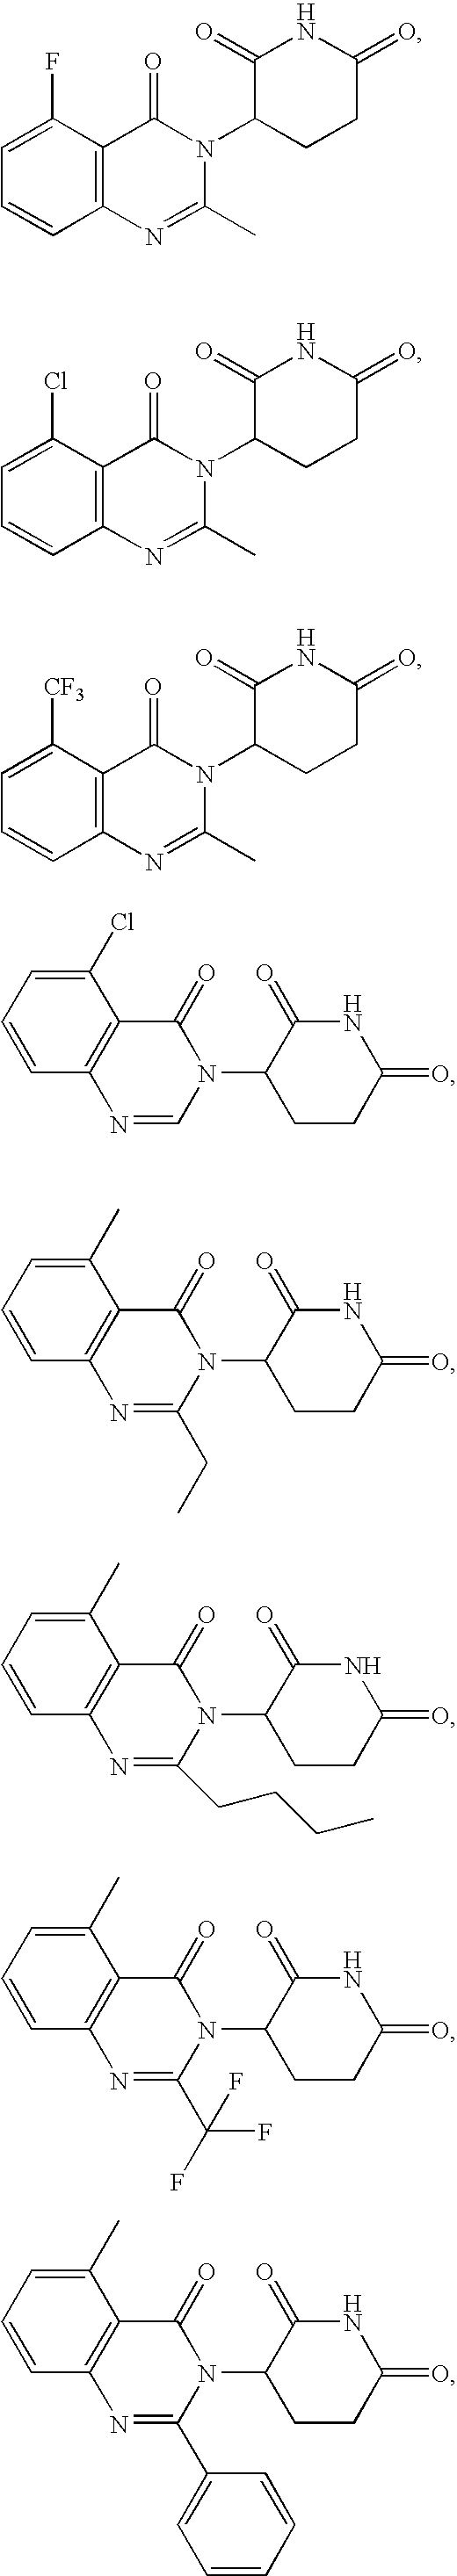 Figure US07635700-20091222-C00075